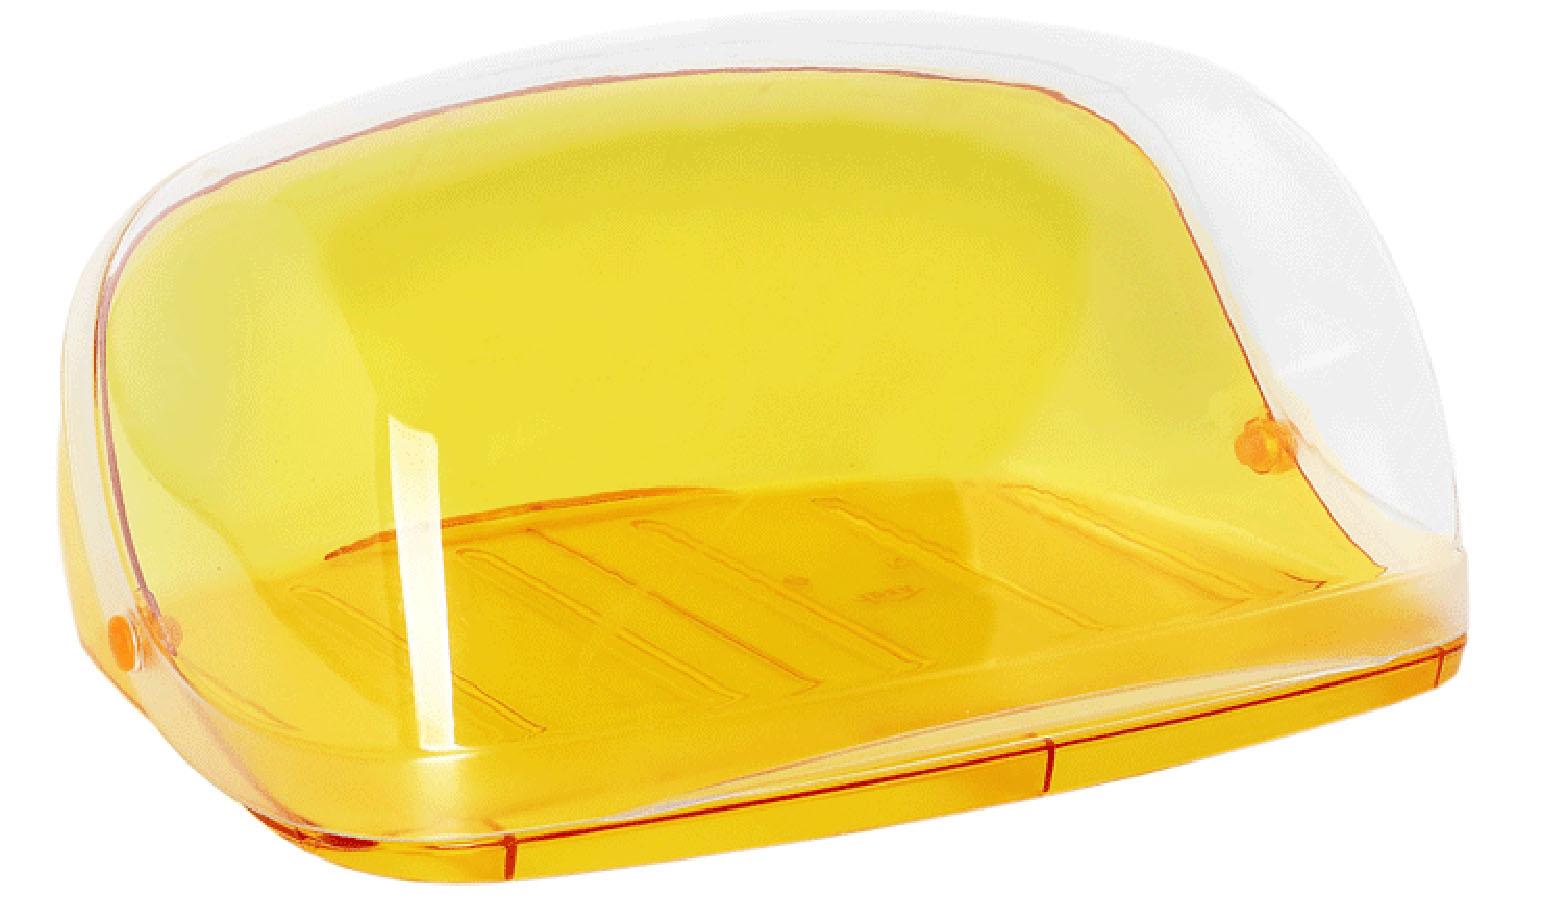 Хлебница Кристалл малая, Оранжевый прозрачныйМ 1185Хлебница Кристалл малая, Оранжевый прозрачный